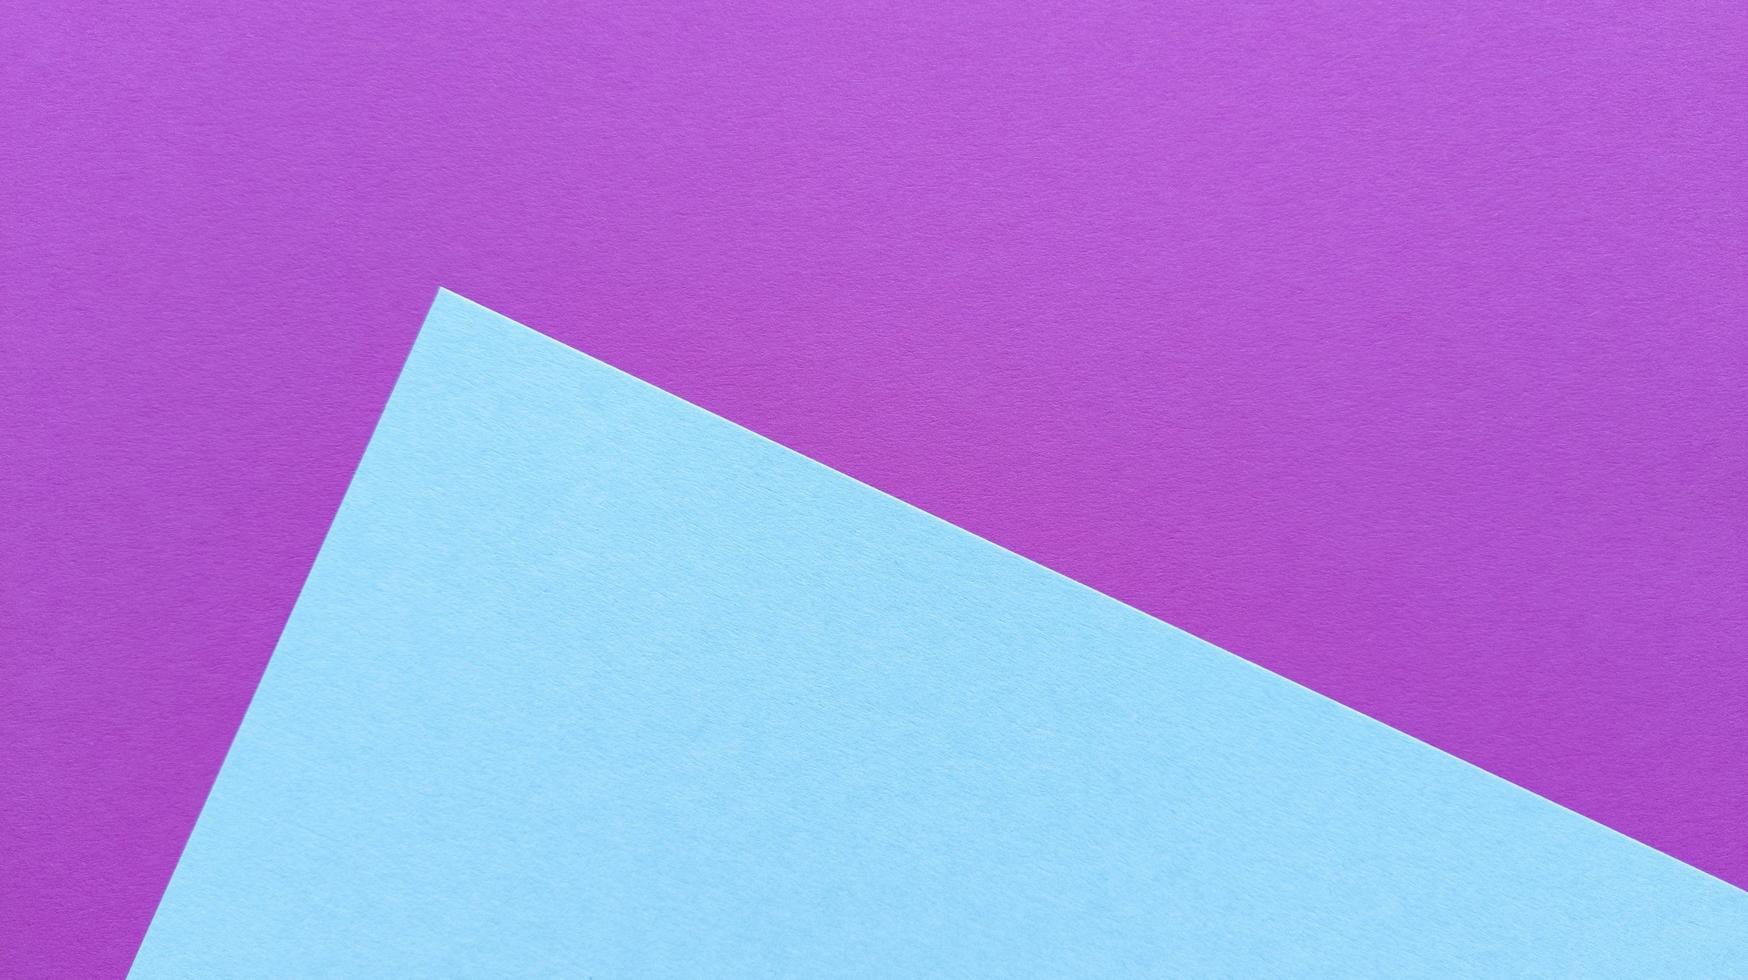 rosa och blå pastell textur bakgrund. lila, rosa, gröna, blåa lakan på fotot. foto